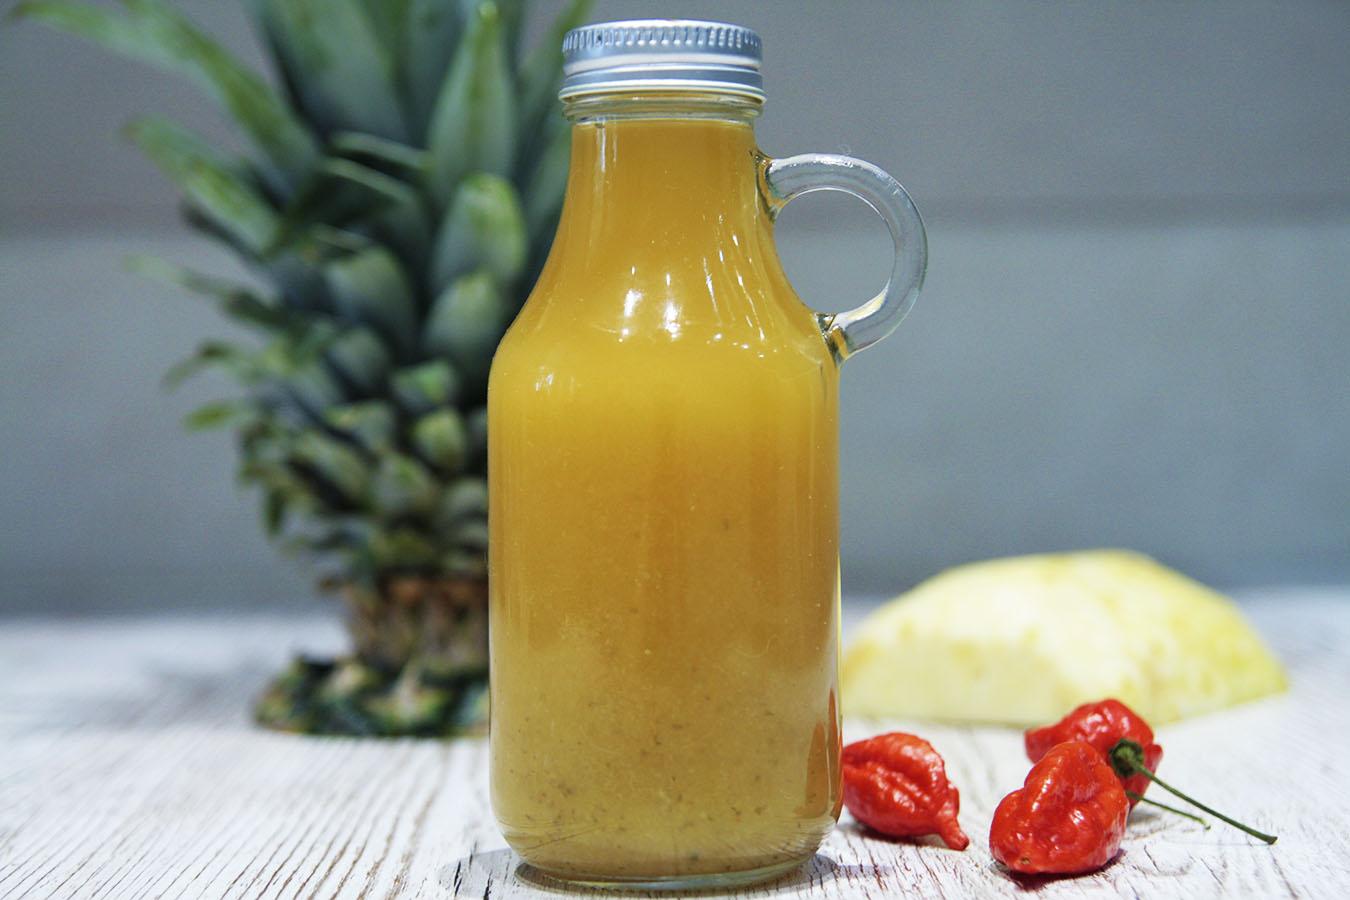 http://www.stonerchef.pl/wp-content/uploads/2017/09/gotowy-ananasowy-sos-habanero-w-butelce.jpg